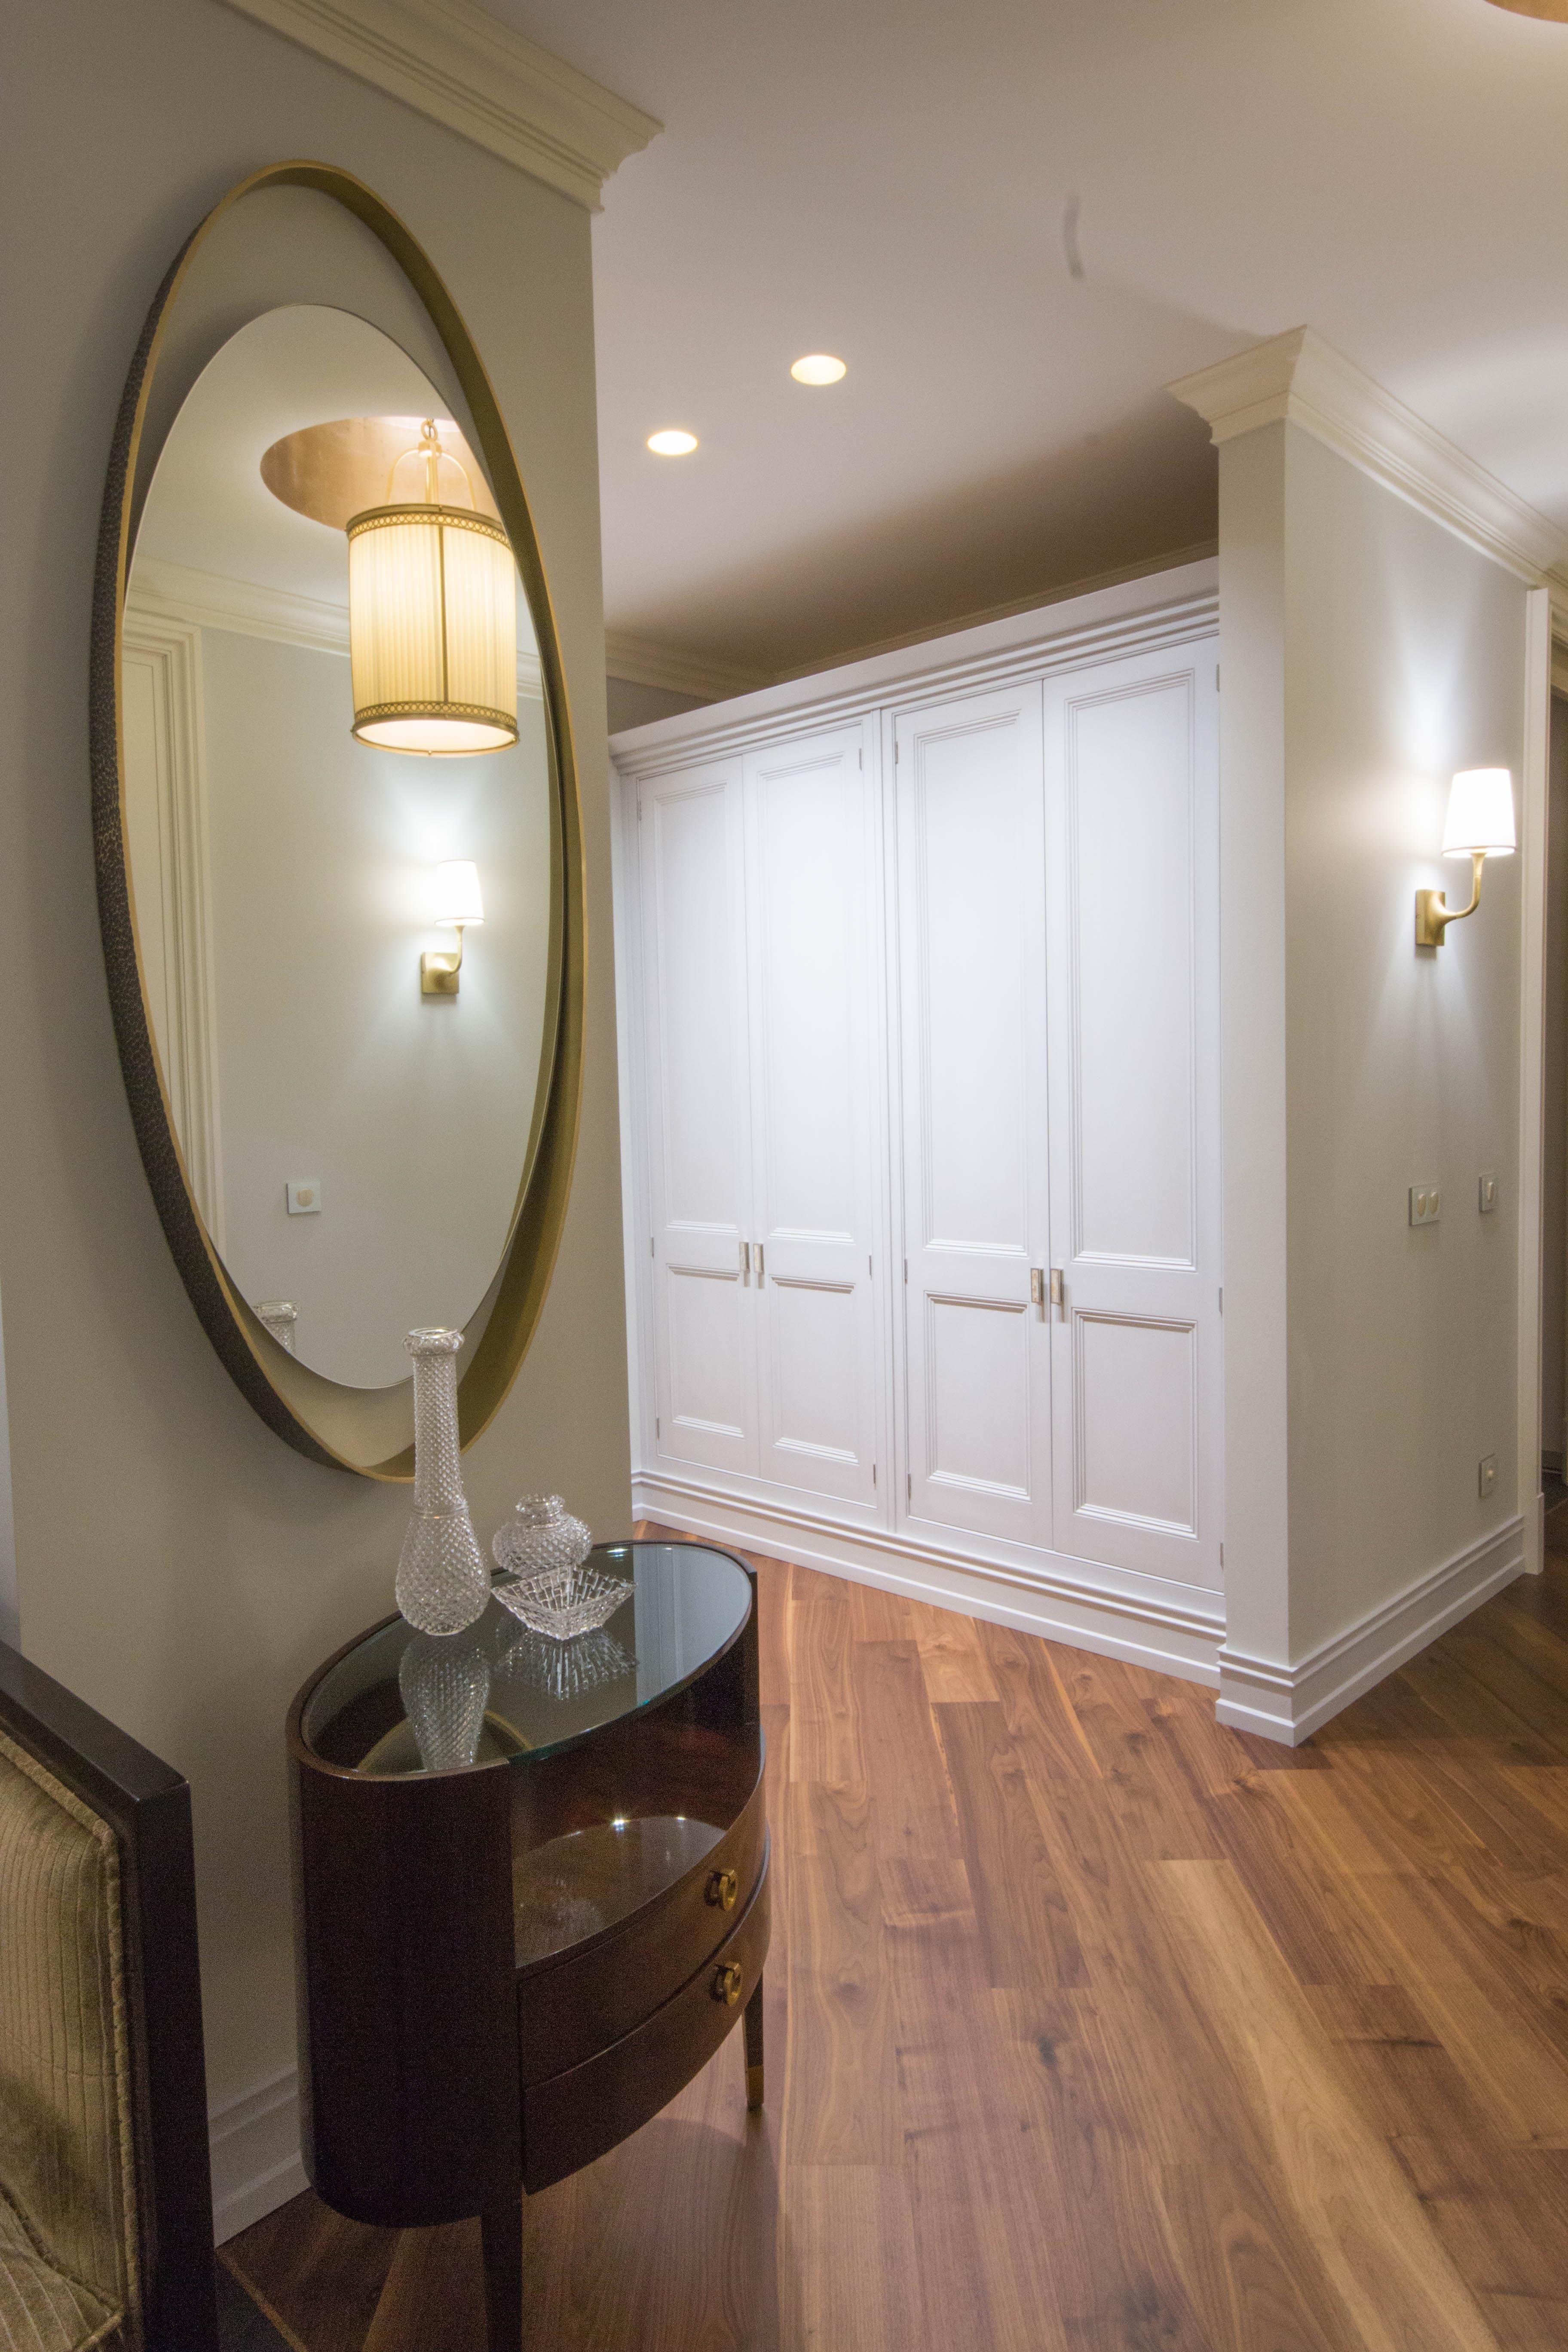 Edwardian hallway lighting  Проект квартиры Холл коридор прихожая Срок выполнения дизайн